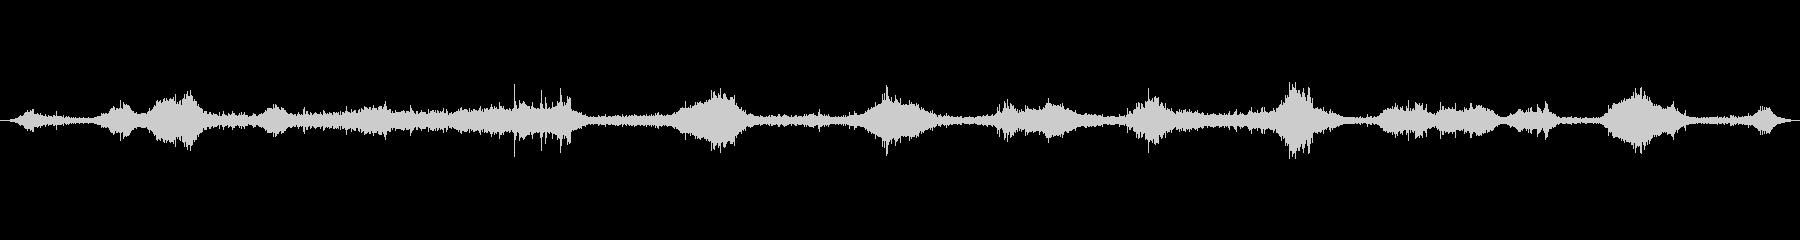 沖縄珊瑚の浜満潮の波音01の未再生の波形